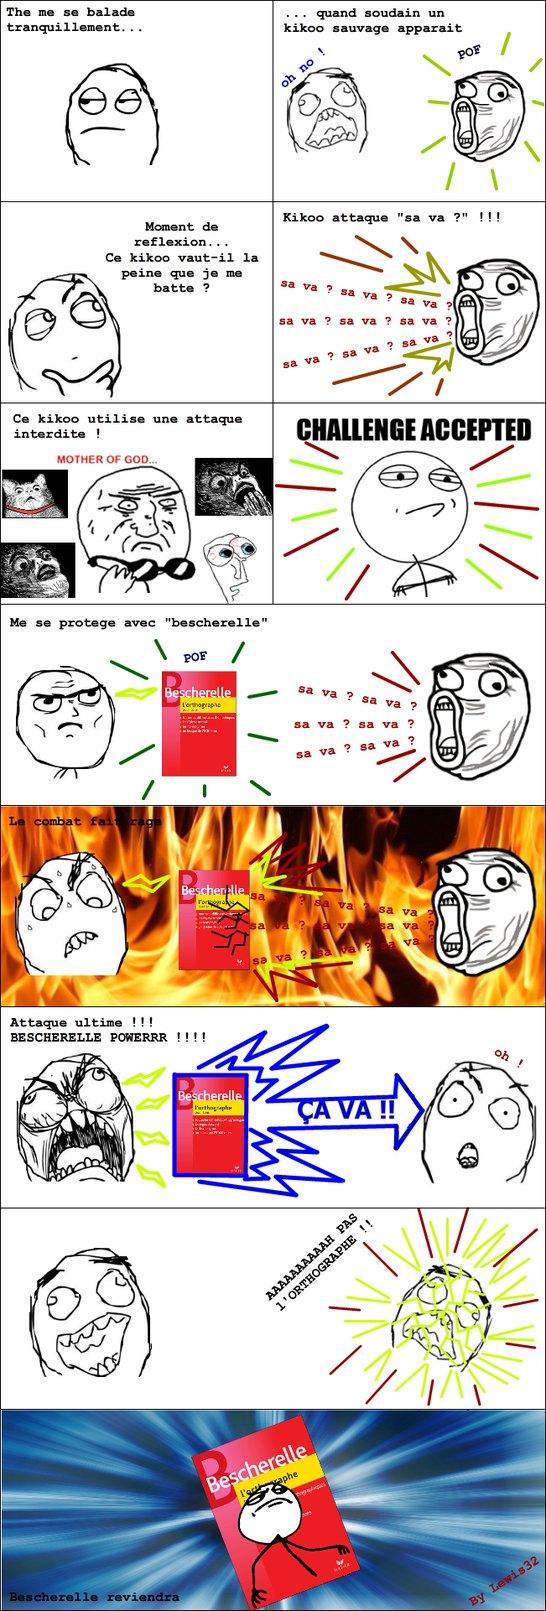 Bescherelle power ^^ - meme